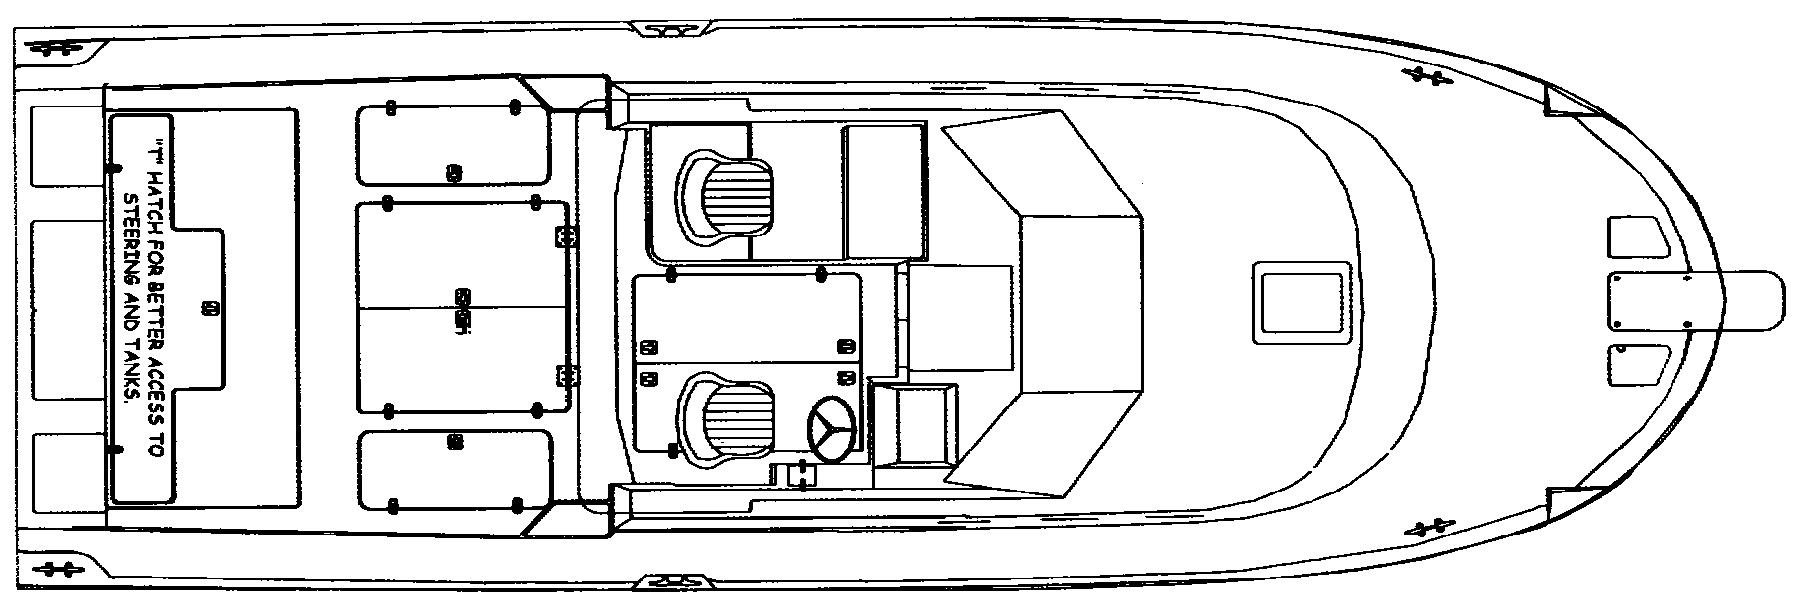 Albin 28 TE Floor Plan 2